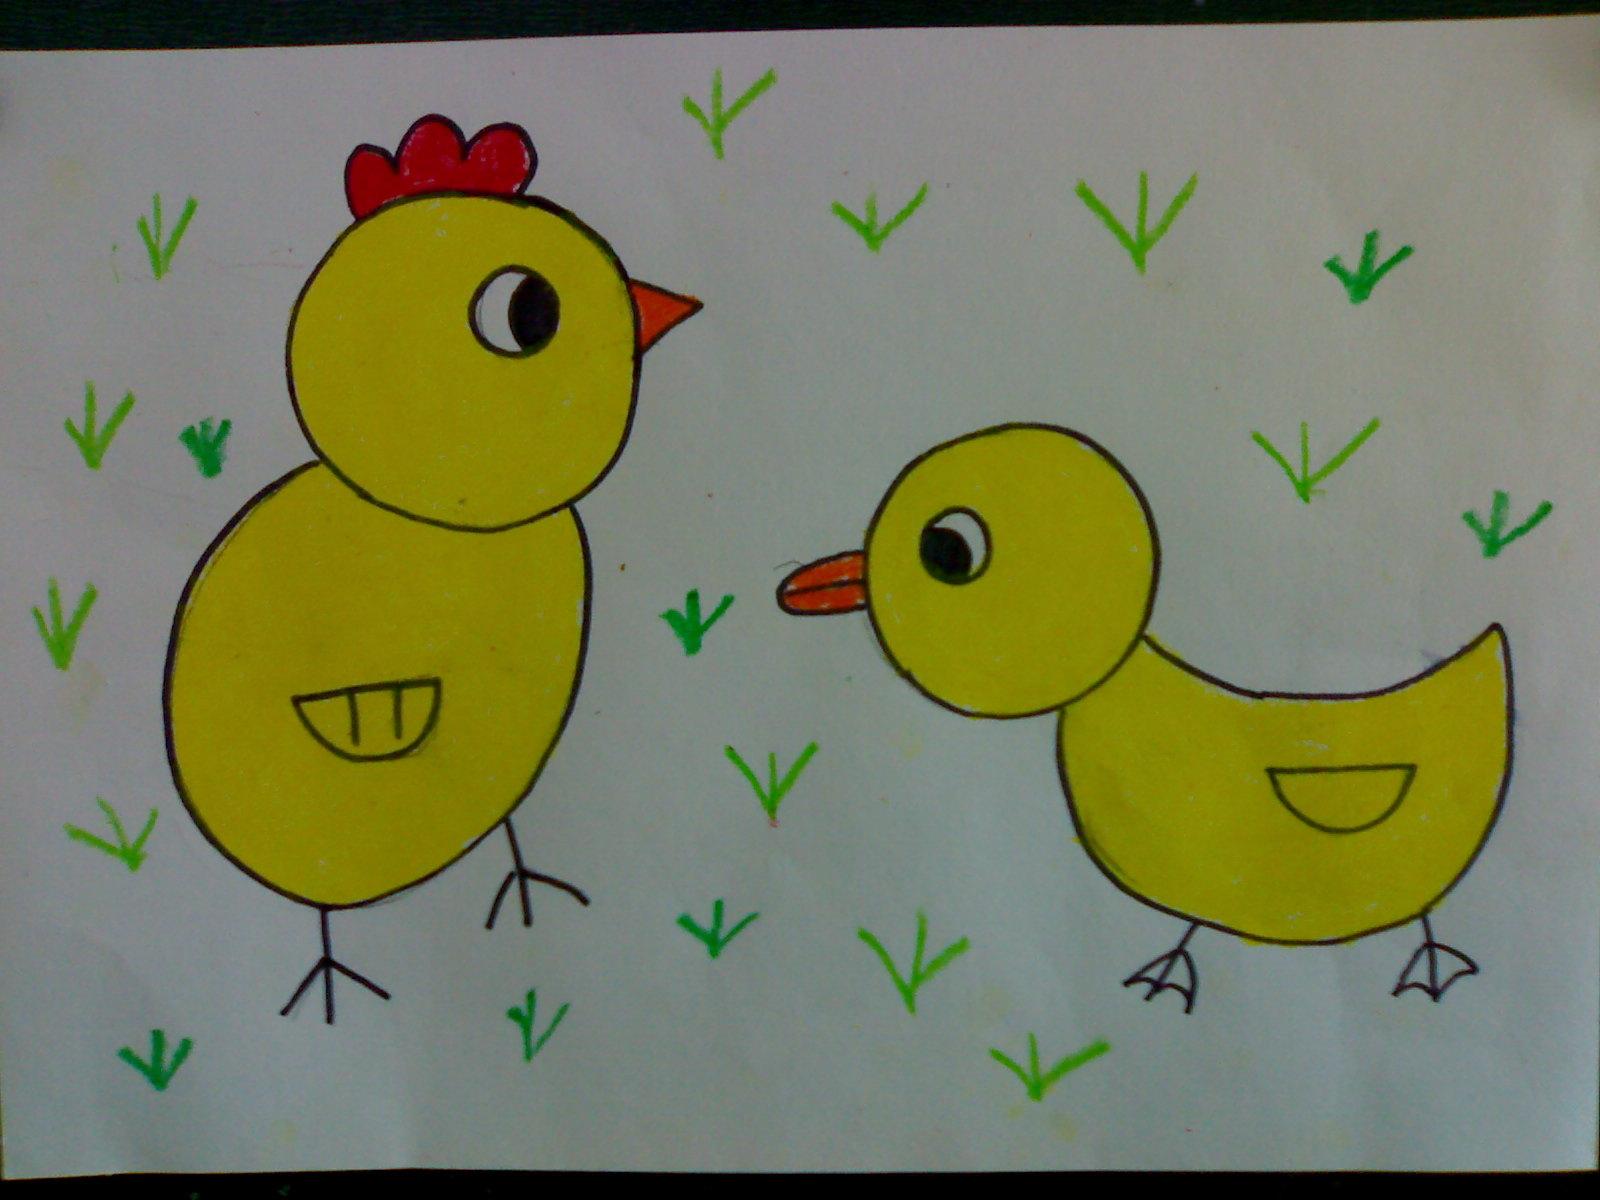 怎么画小鸡和小鸭简笔画画法5张